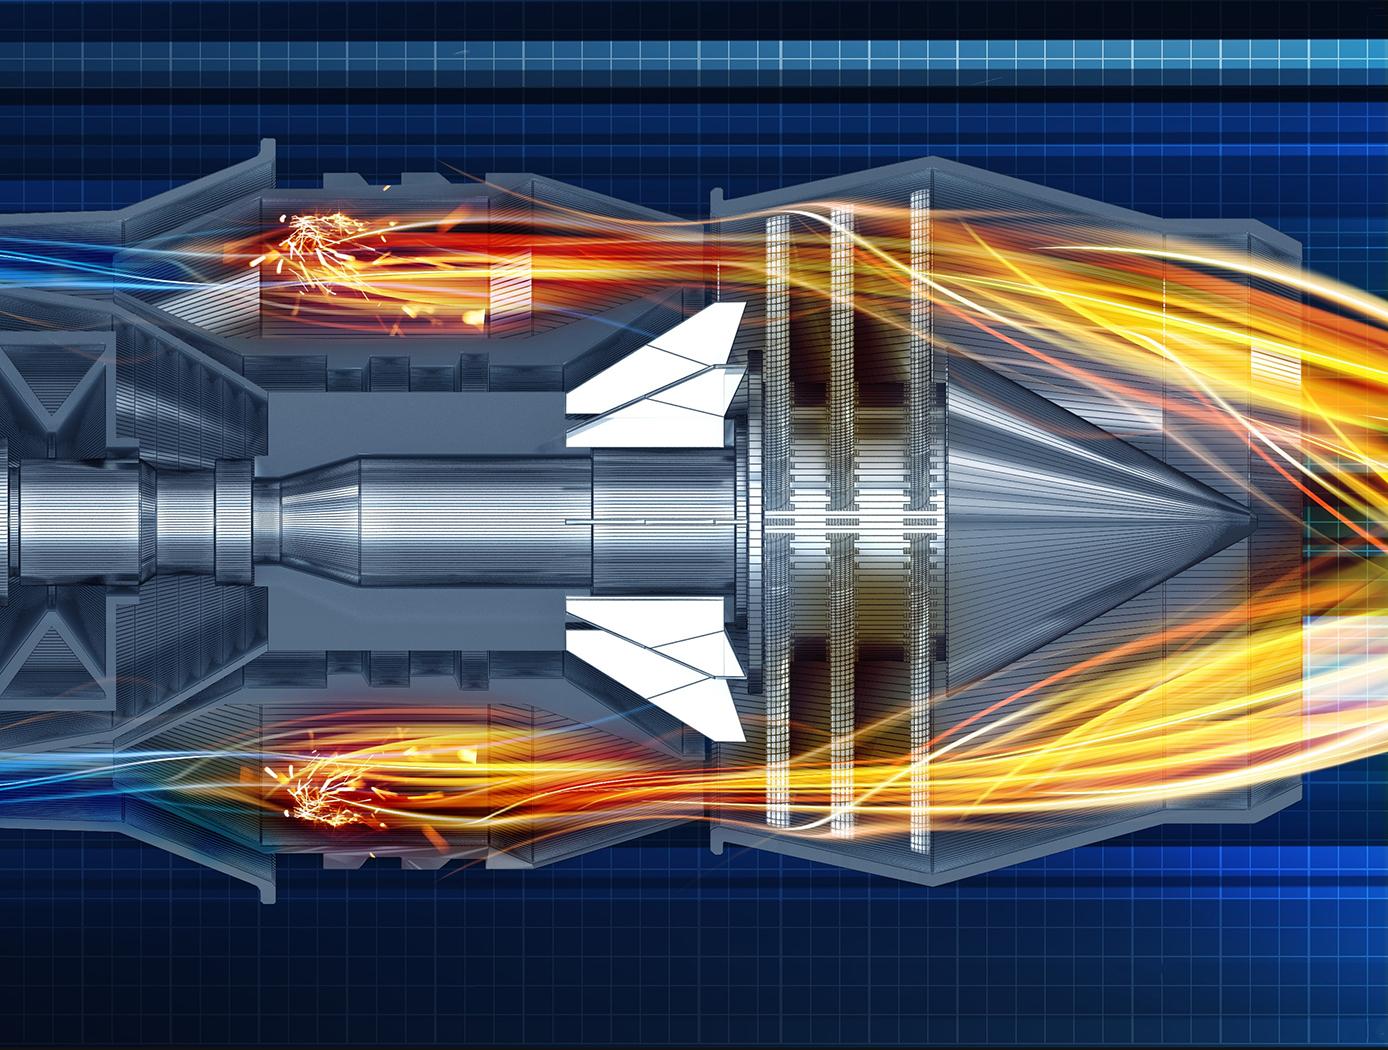 Jet Turbine Profile